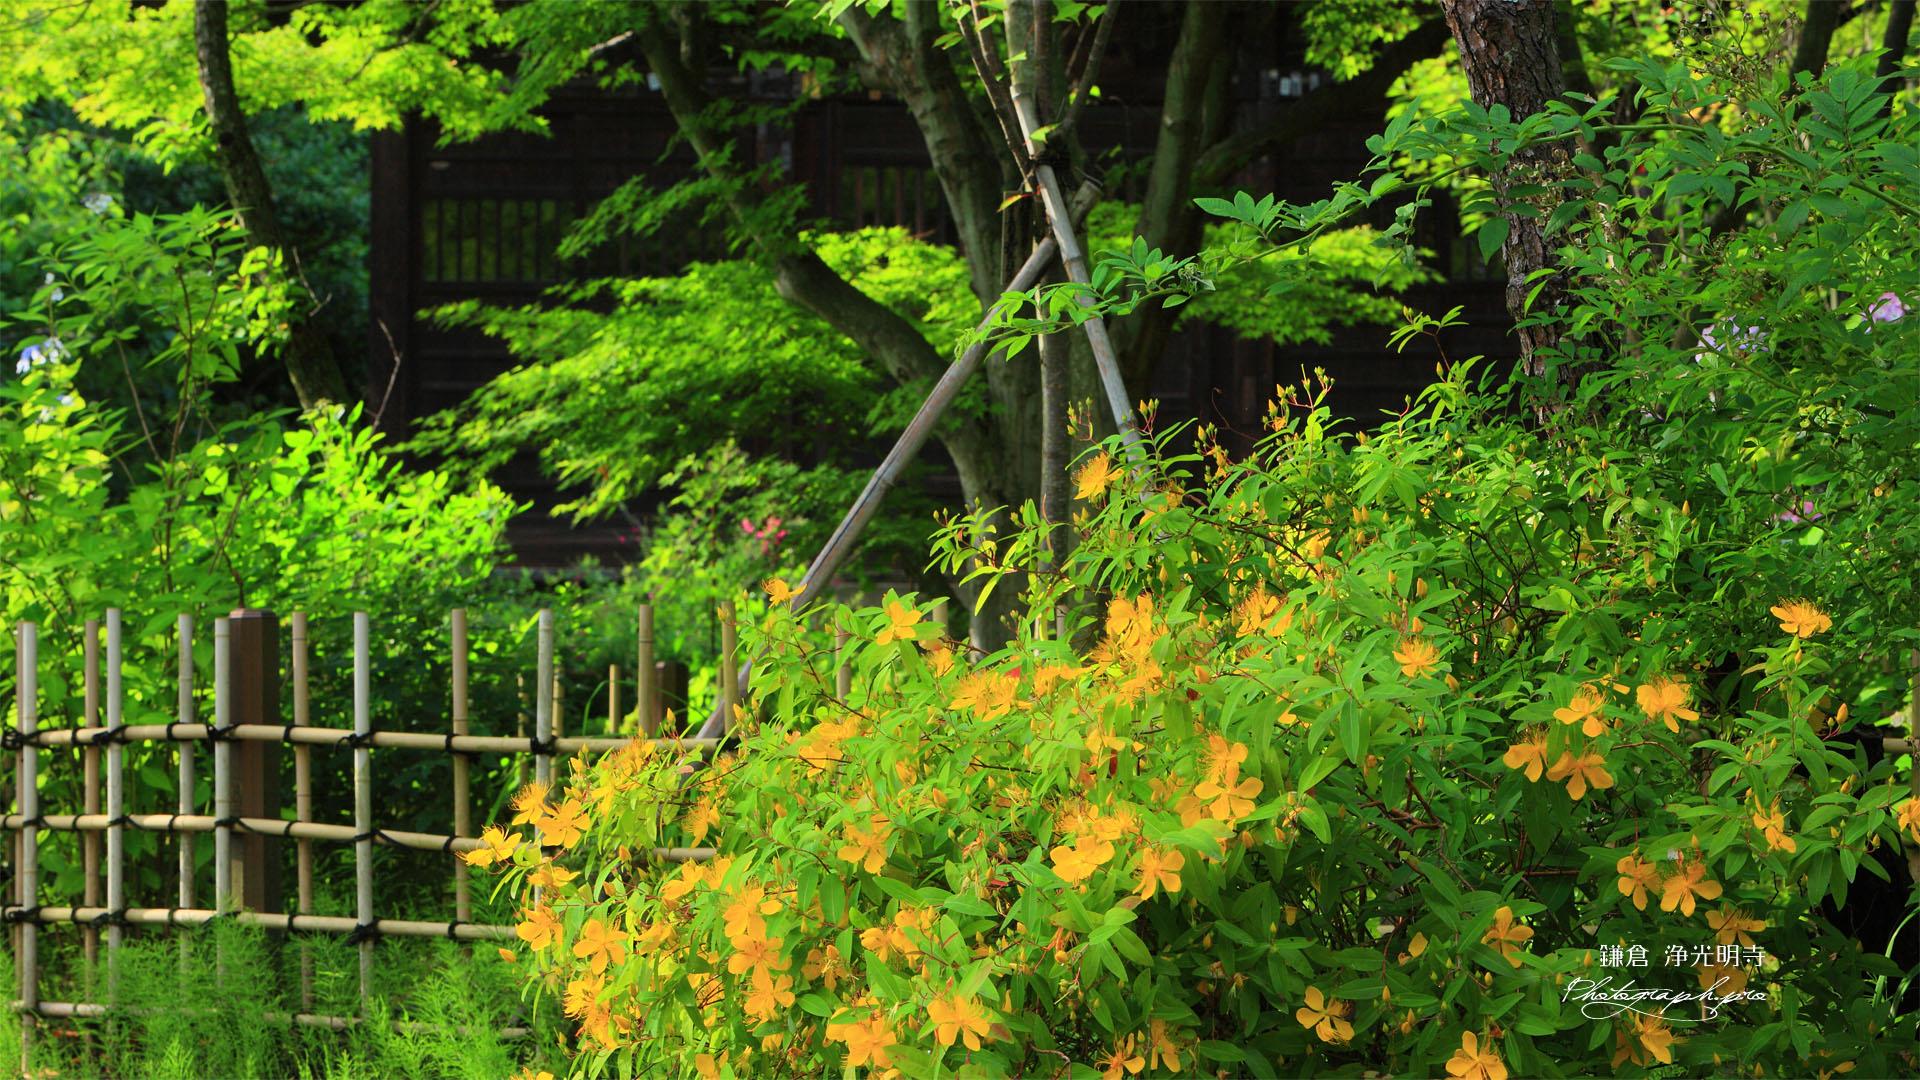 ビヨウヤナギの画像 p1_36